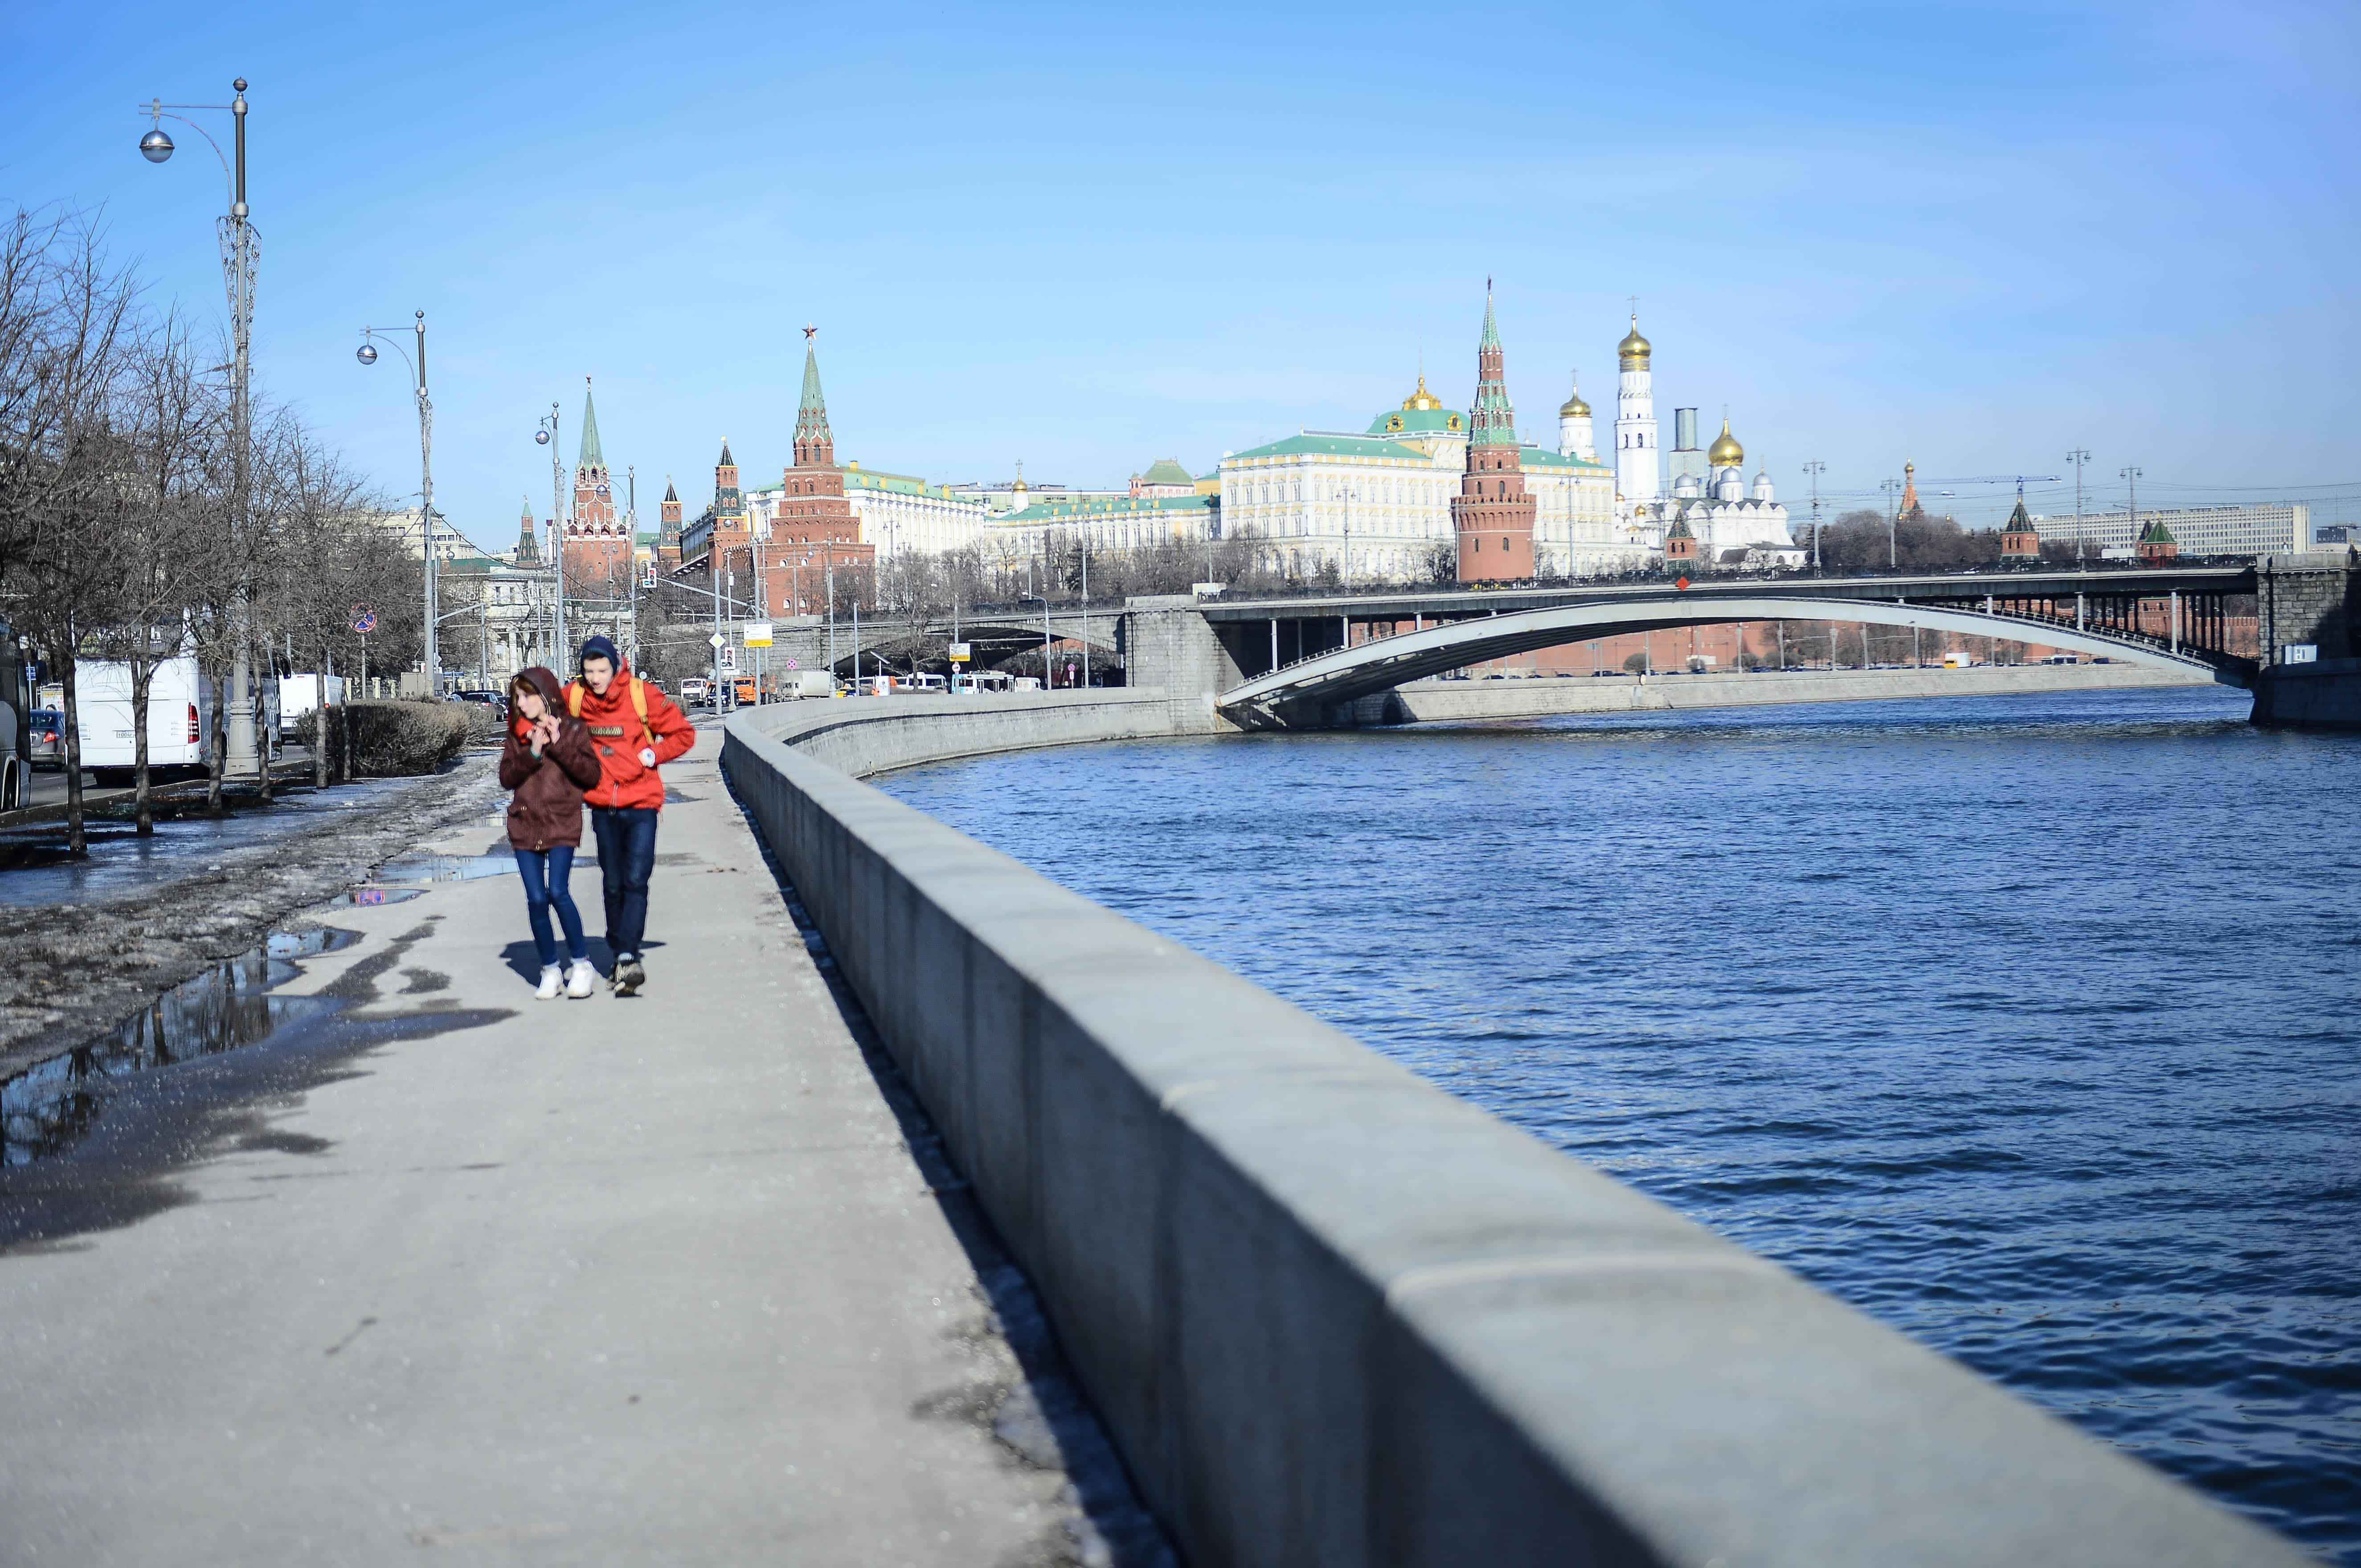 Открылся пешеходный маршрут от«Москва-сити» доТаганки Открылся пешеходный маршрут от«Москва-сити» доТаганки 2 14